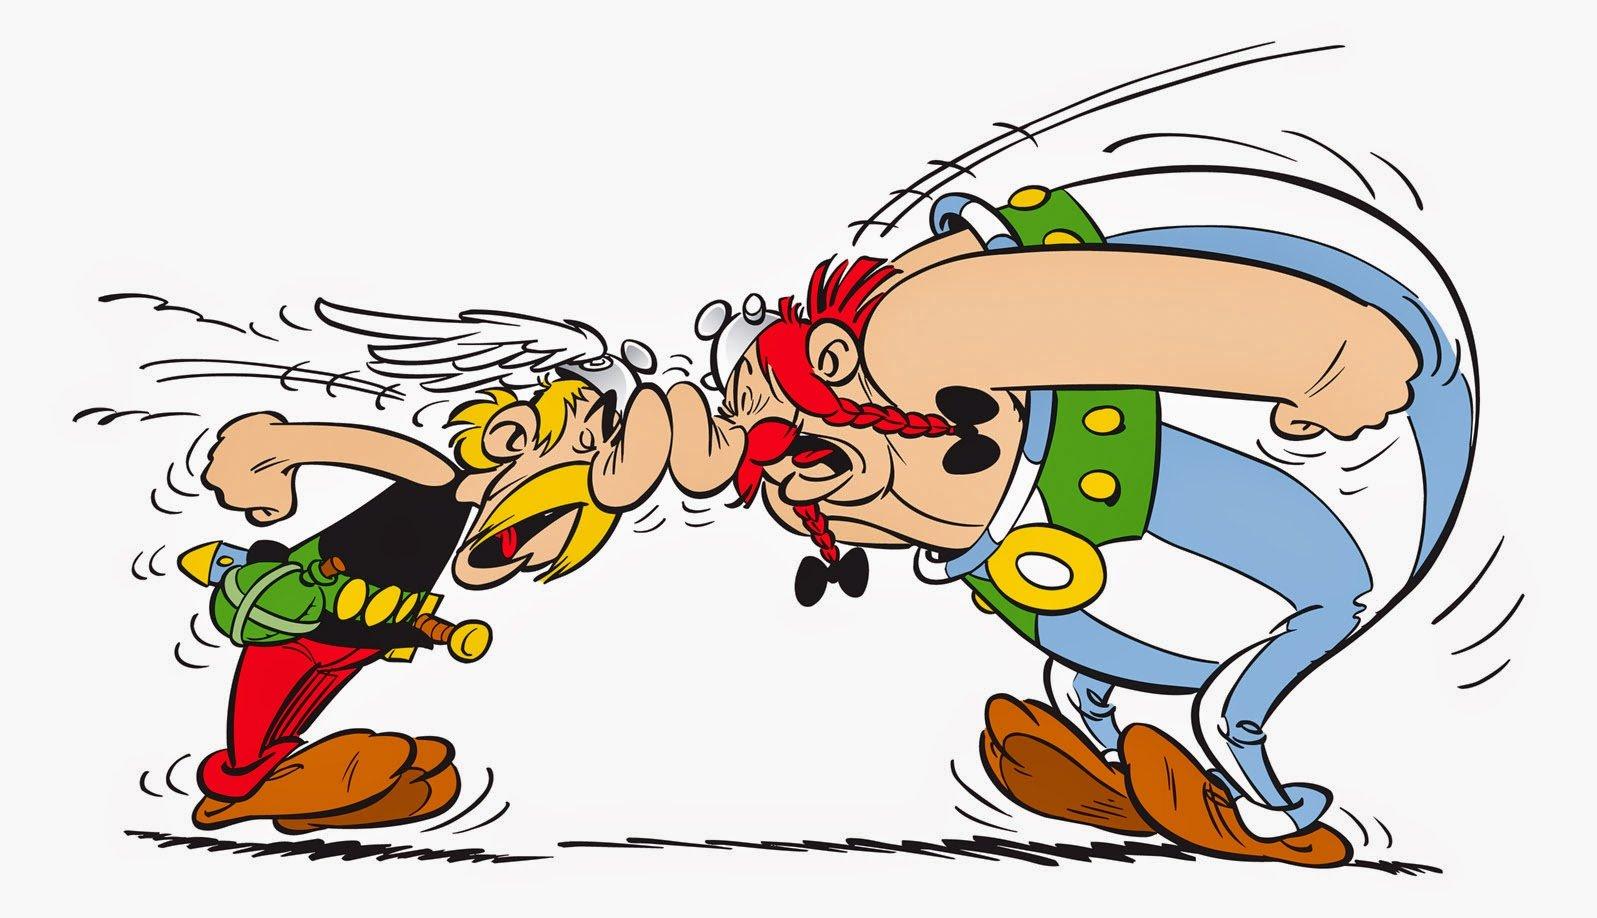 рисованные ленты французские комиксы отвратительные мужики disgudting men